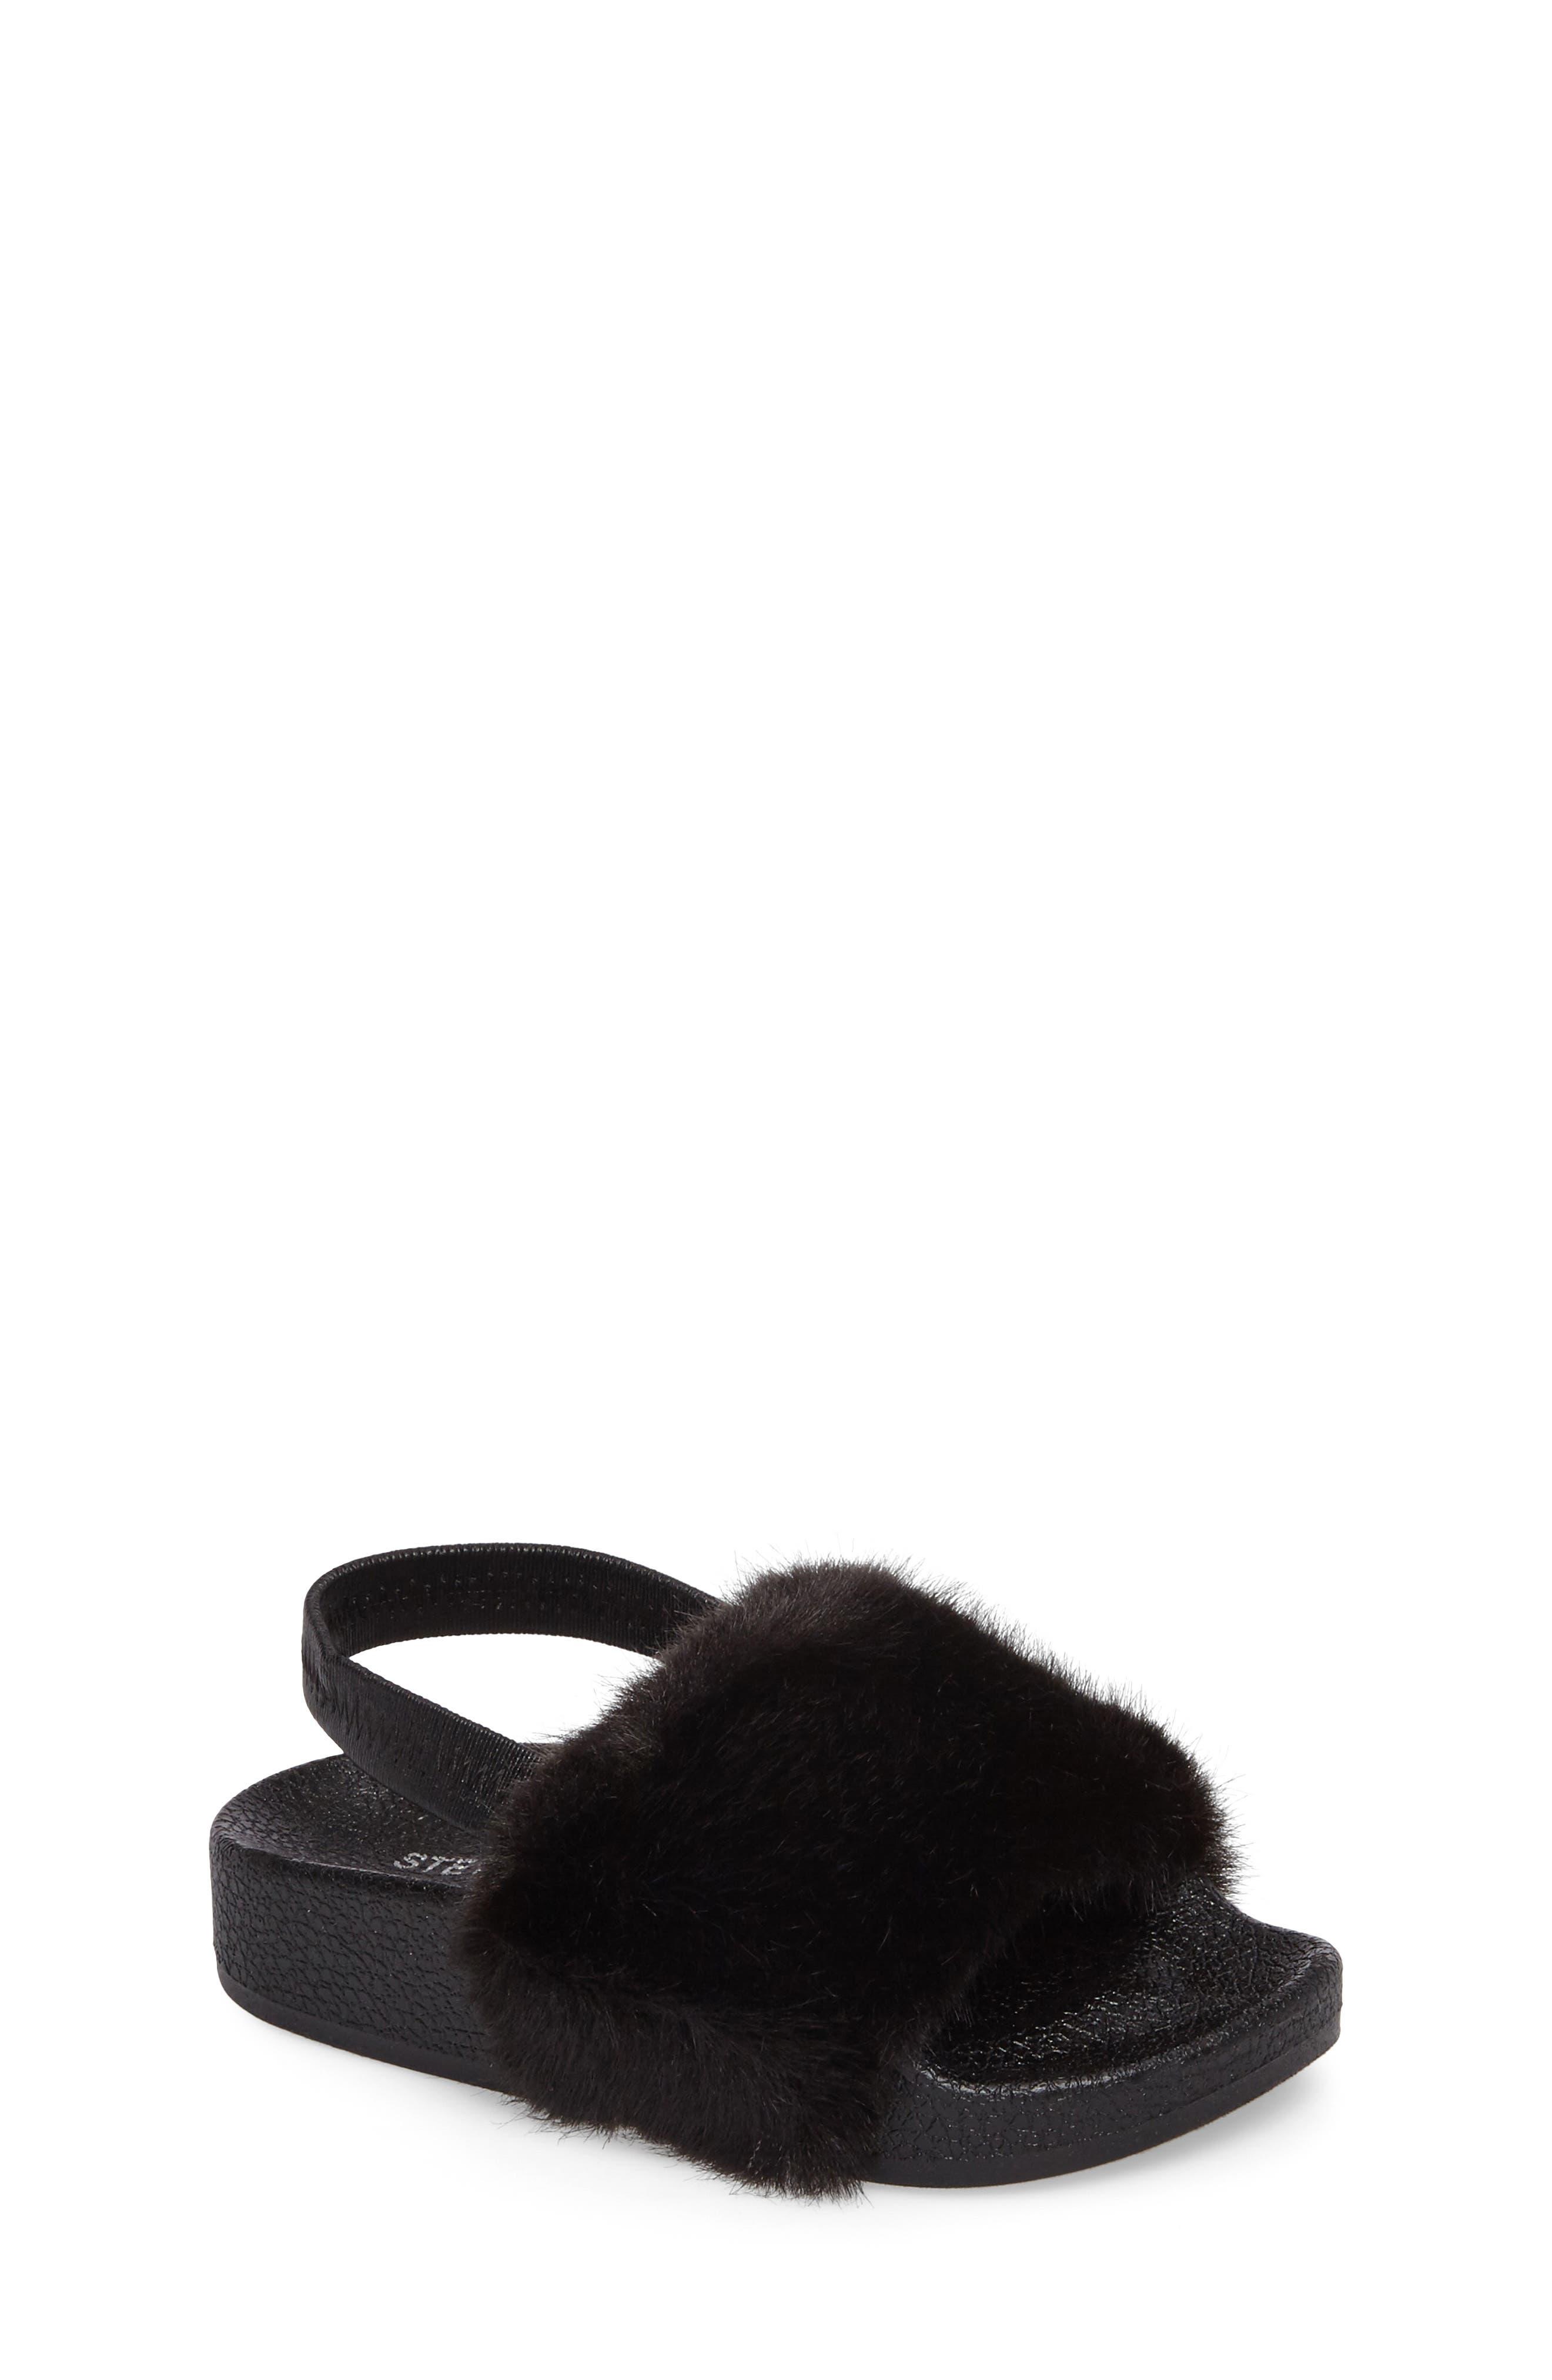 Tsoftey Faux Fur Slide Sandal,                             Main thumbnail 1, color,                             006